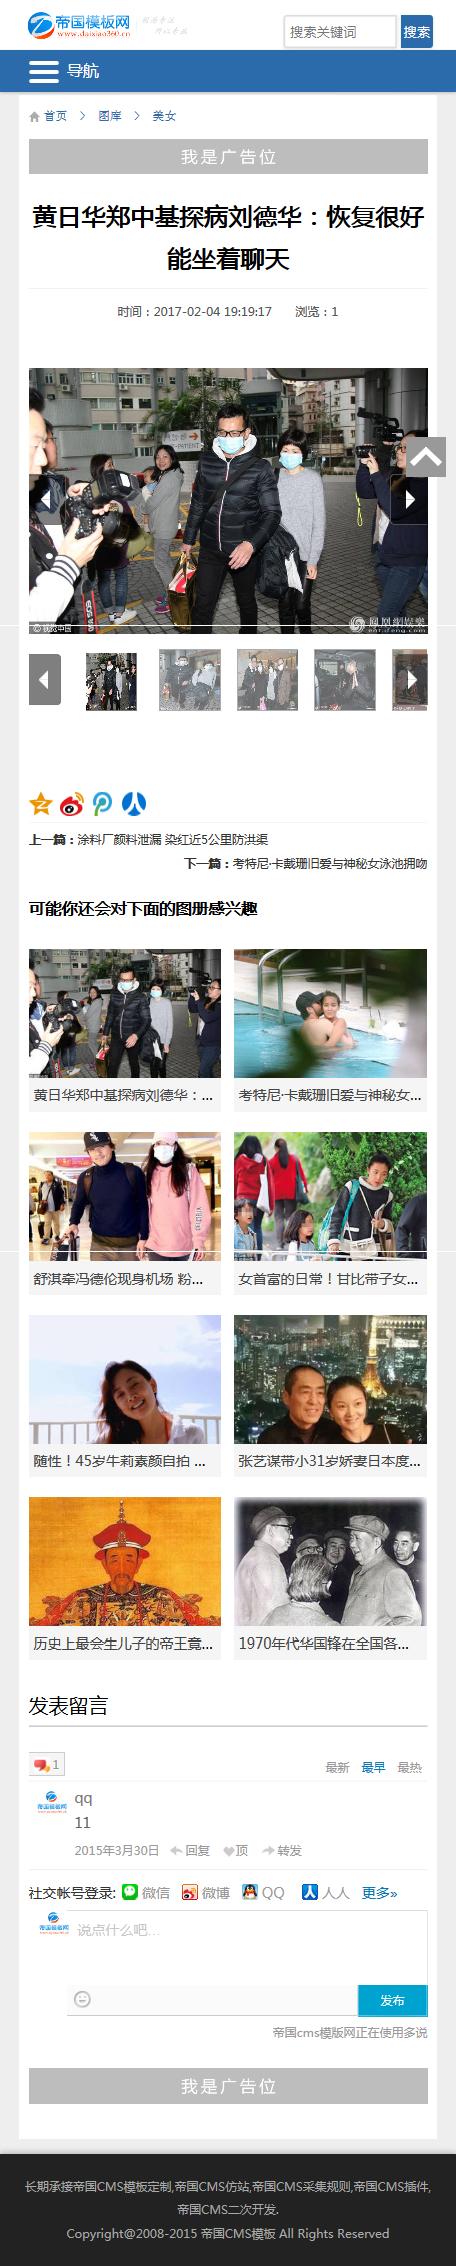 帝国cms自适应模板之蓝色新闻资讯类文章图库模板_手机版图片内容模板